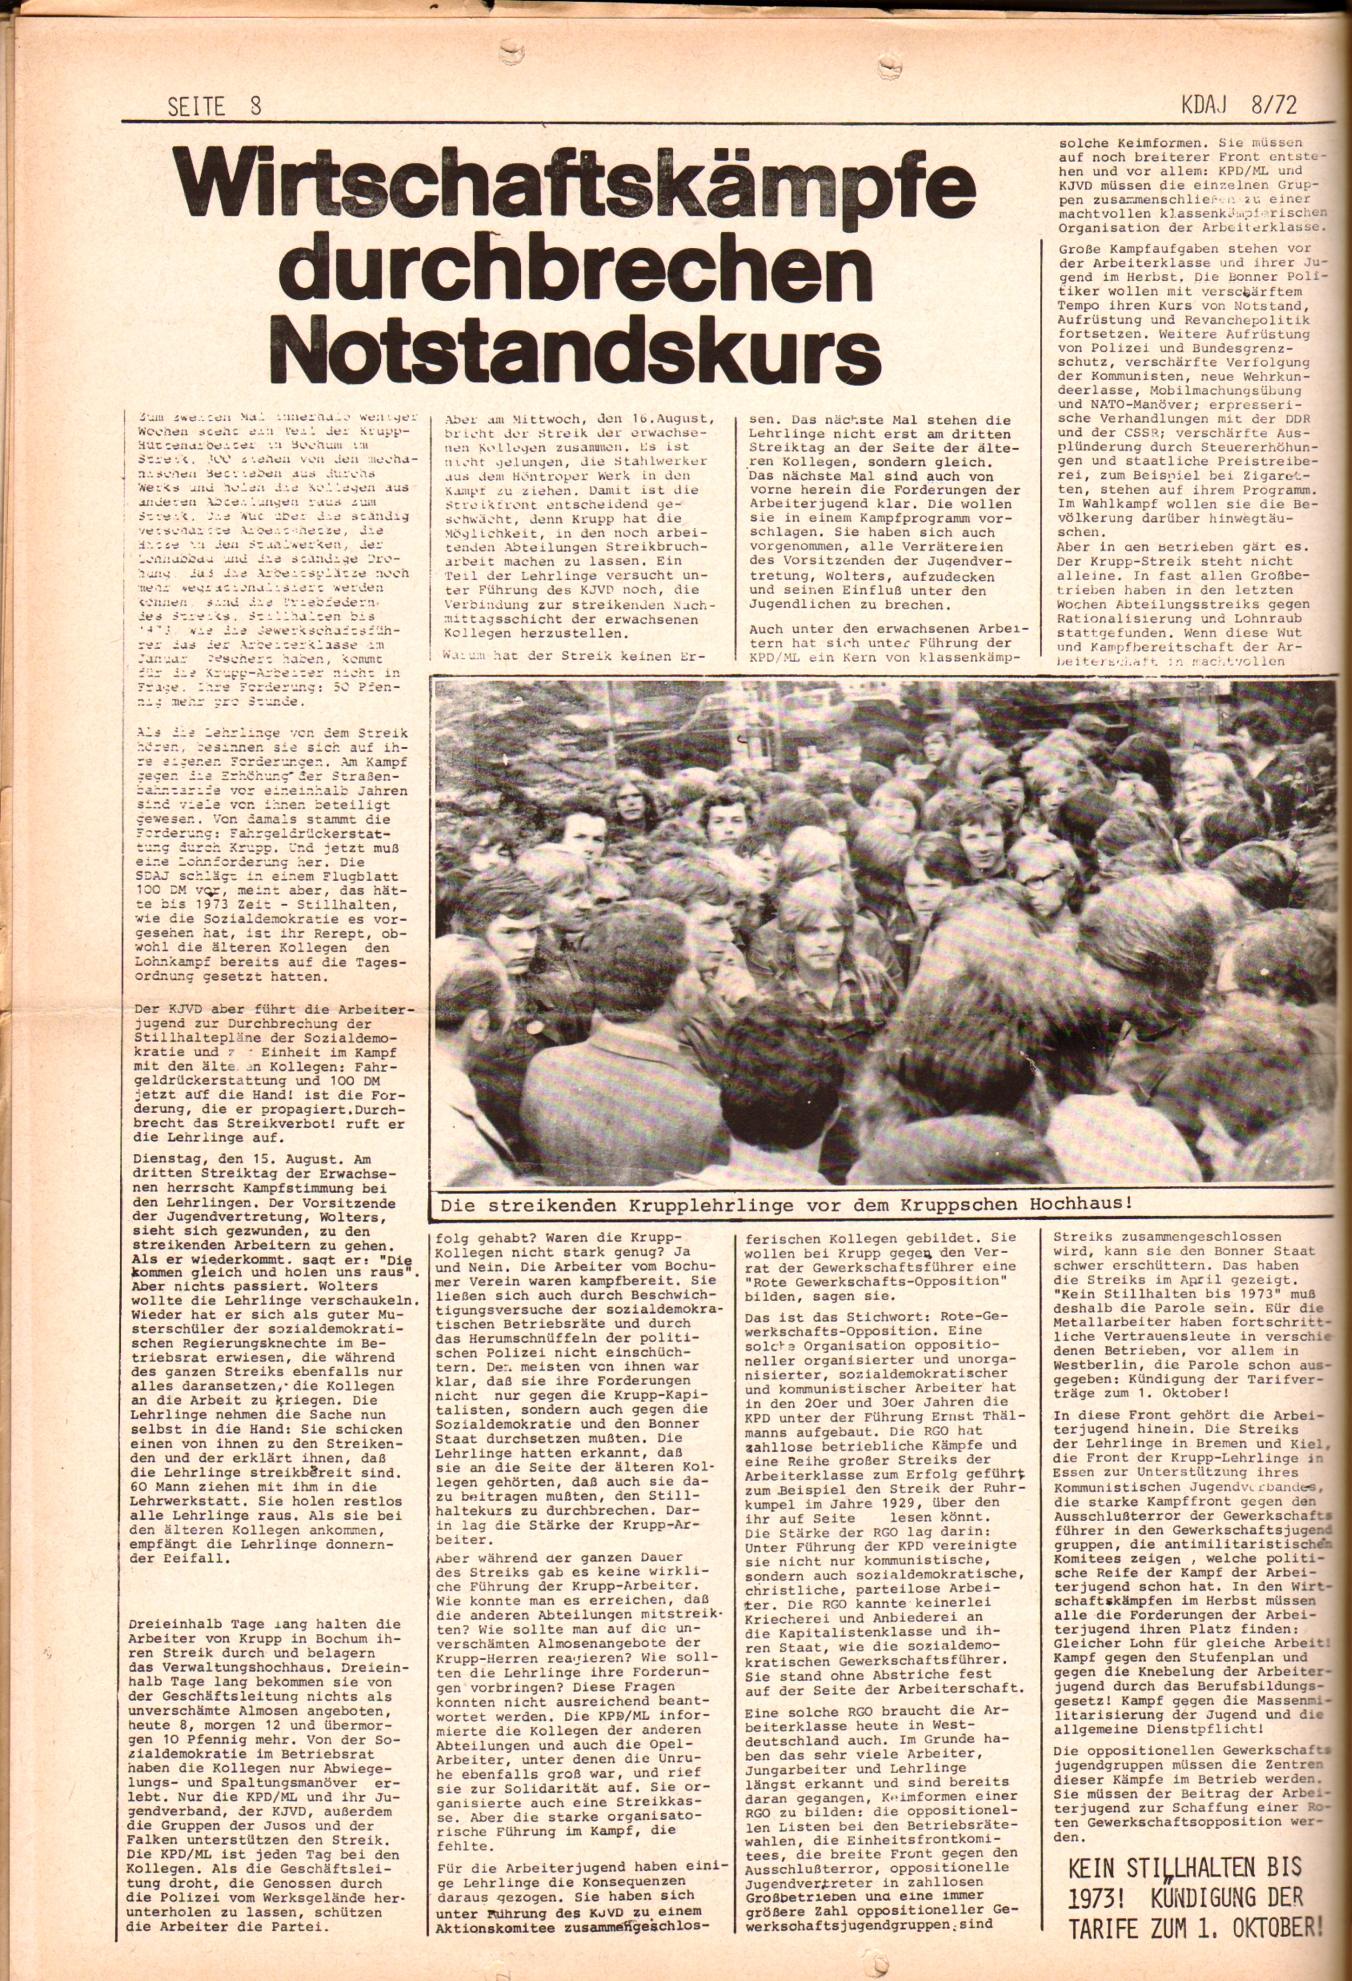 KDAJ, 3. Jg., September 1972, Nr. 8, Seite 8